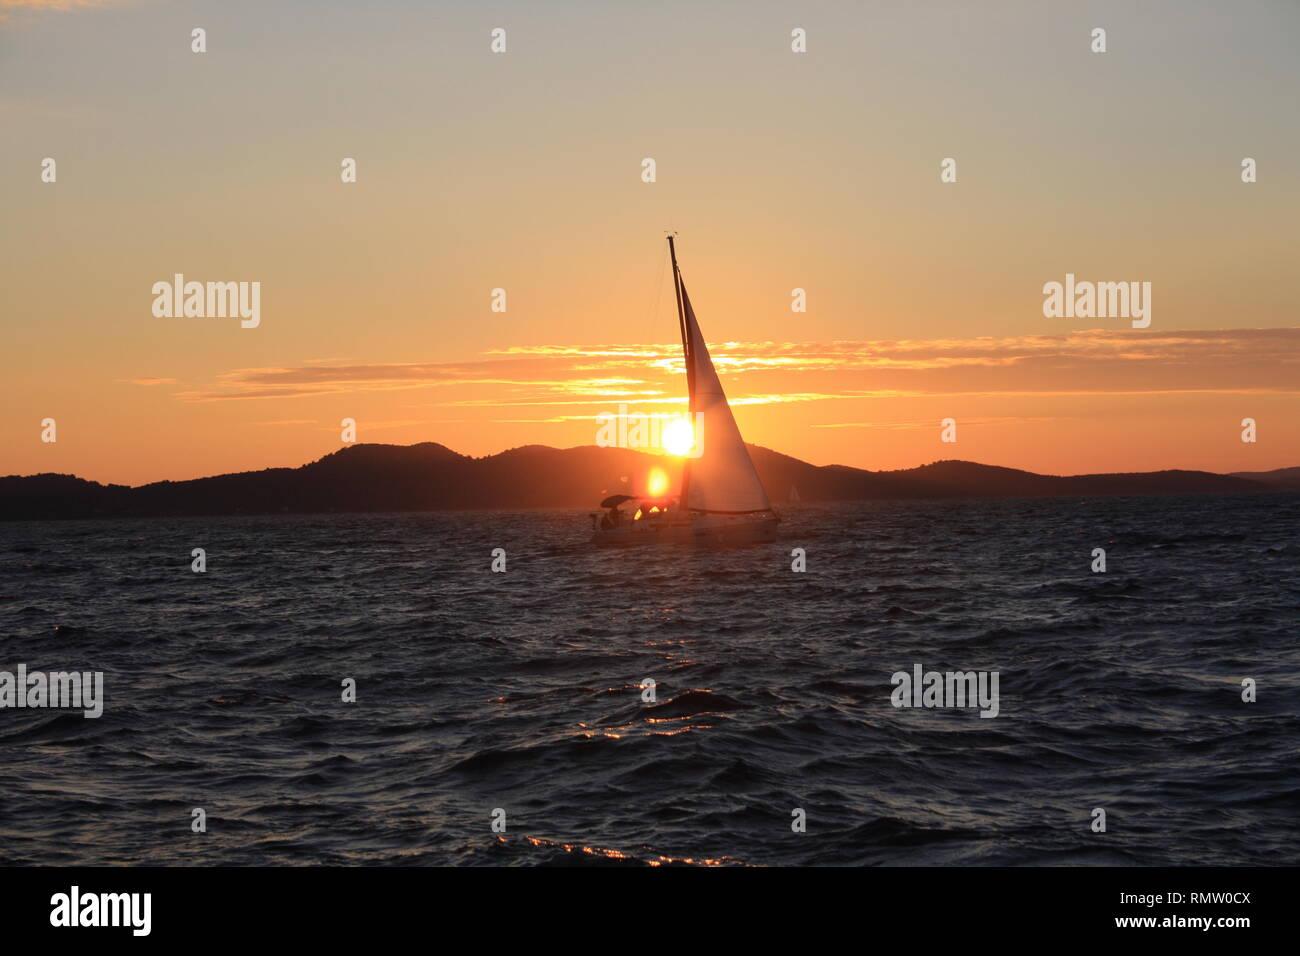 Sonnenuntergang mit Segelboot auf dem Wasser und Bergen im Hintergrund - Stock Image